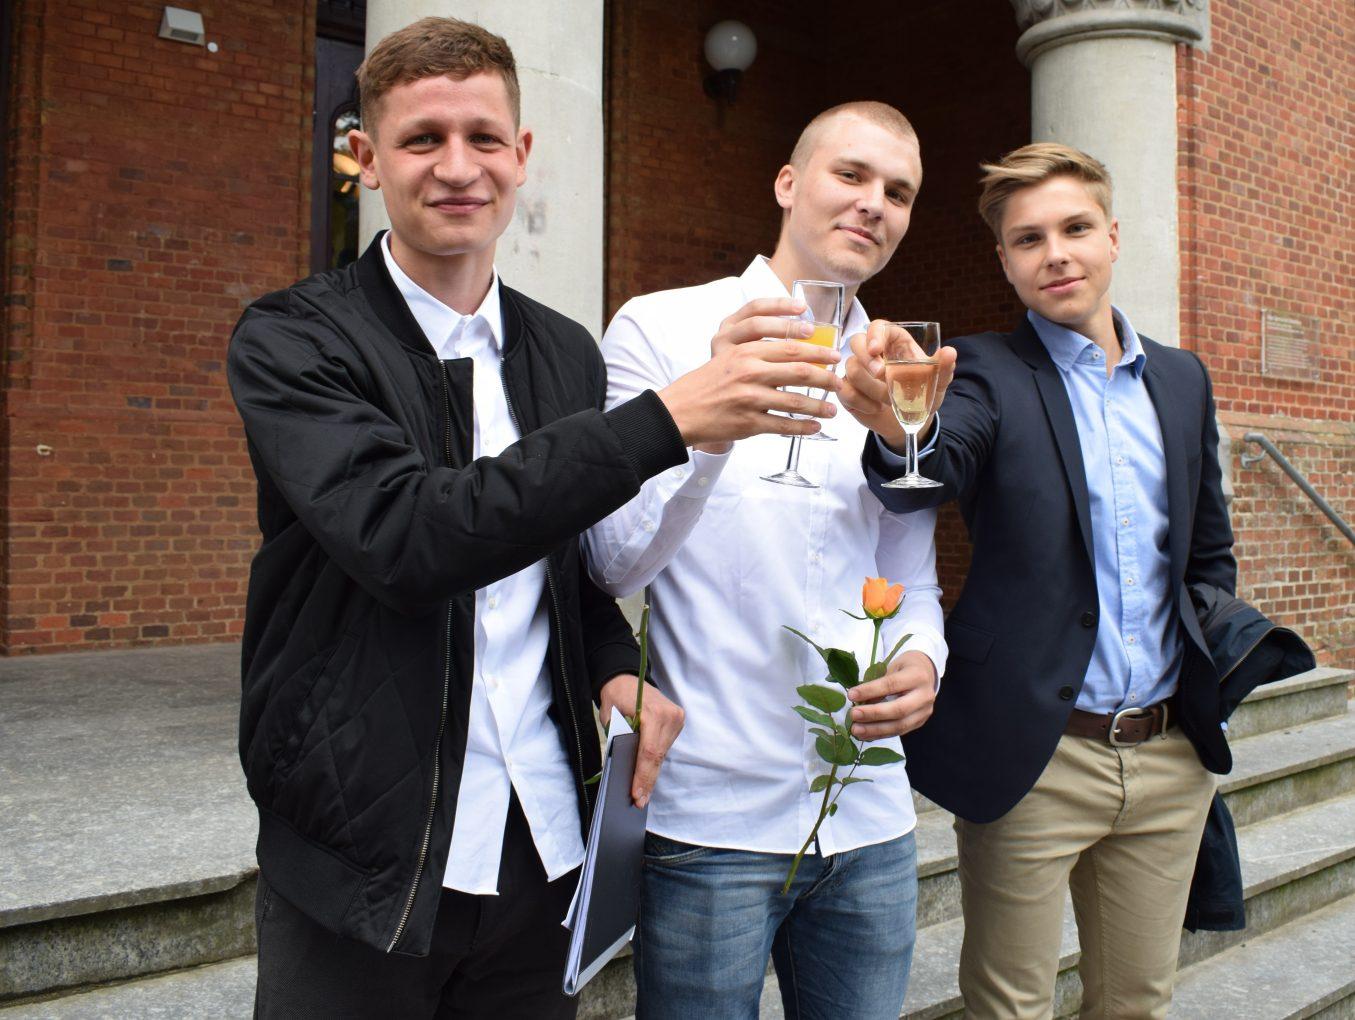 Abschied von der Schule - Abitur 2018